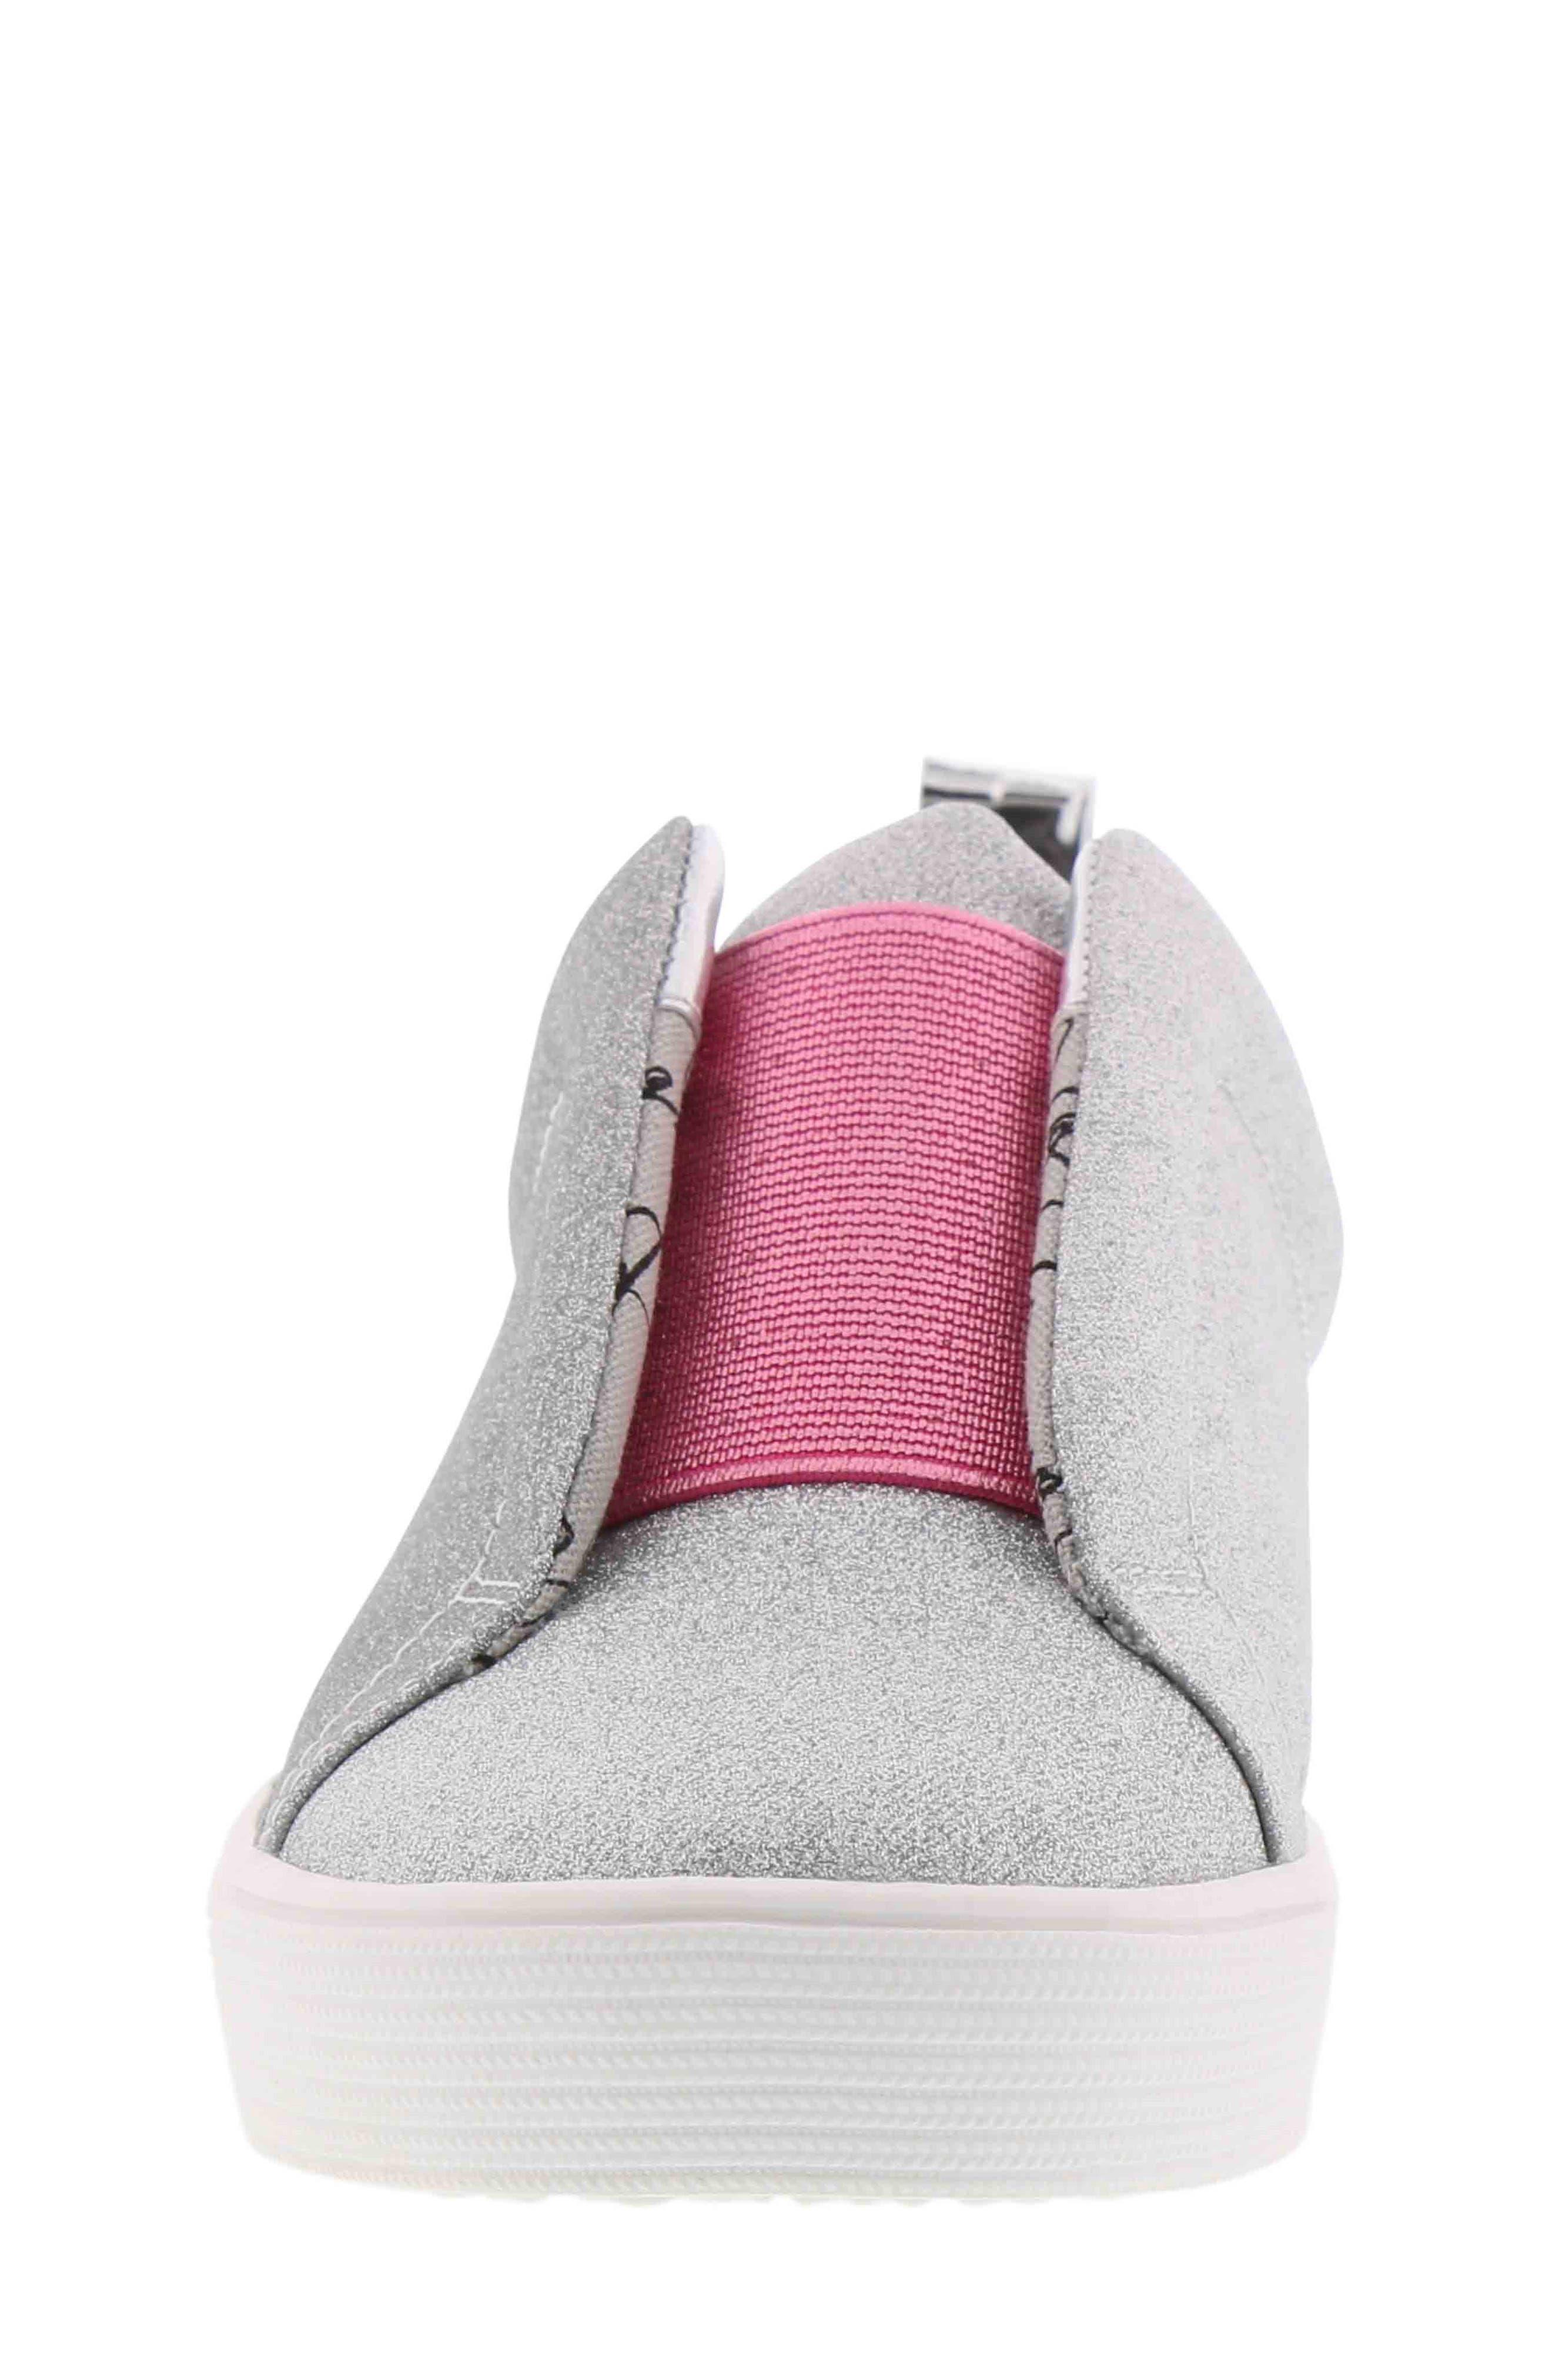 Bella Emma Slip-On Sneaker,                             Alternate thumbnail 4, color,                             SILVER GLITTER